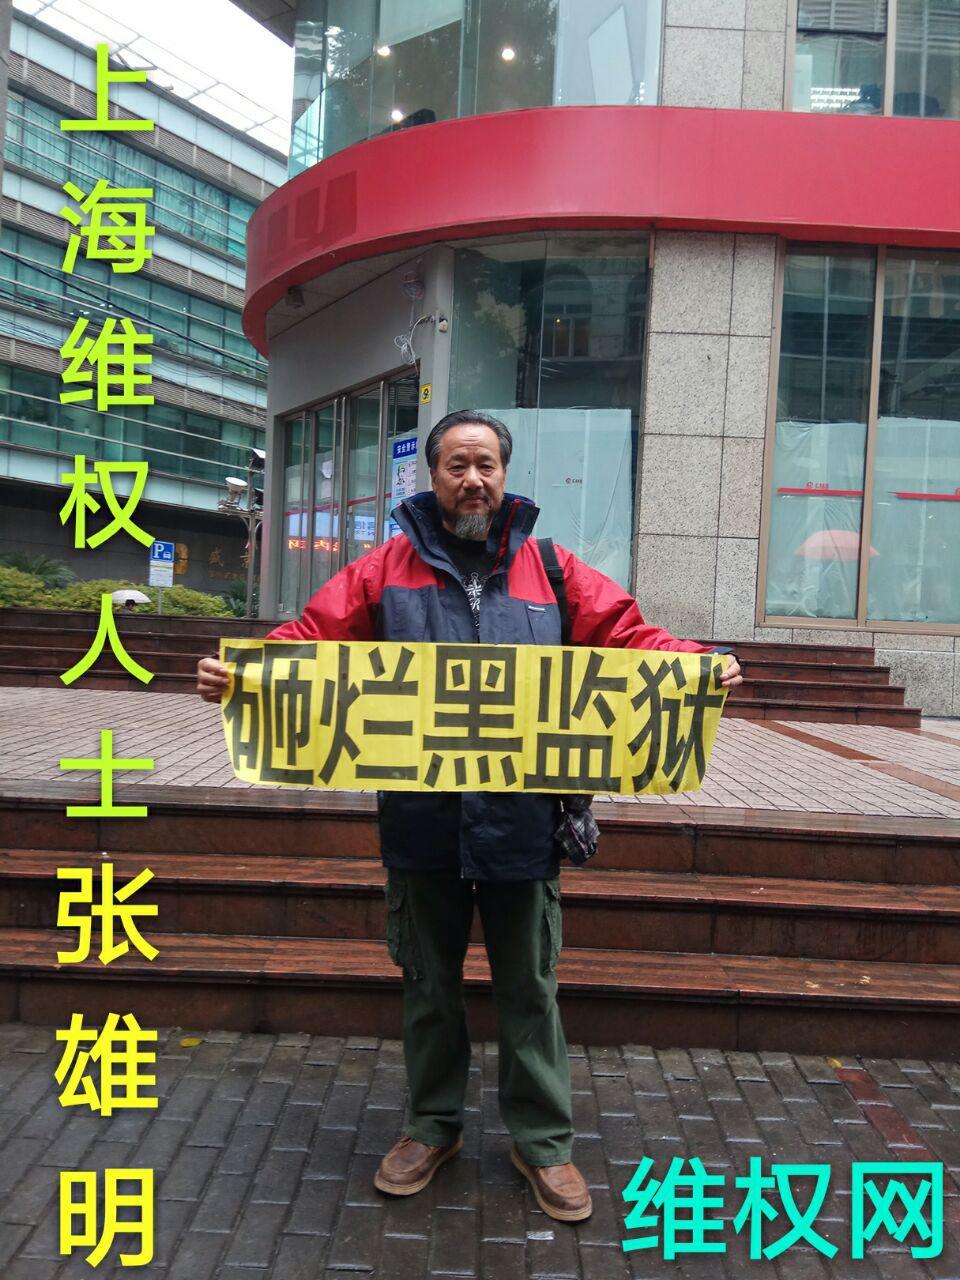 經常被強迫失蹤,上海維權人士張雄明呼籲國際社會給予關注。(維權網)